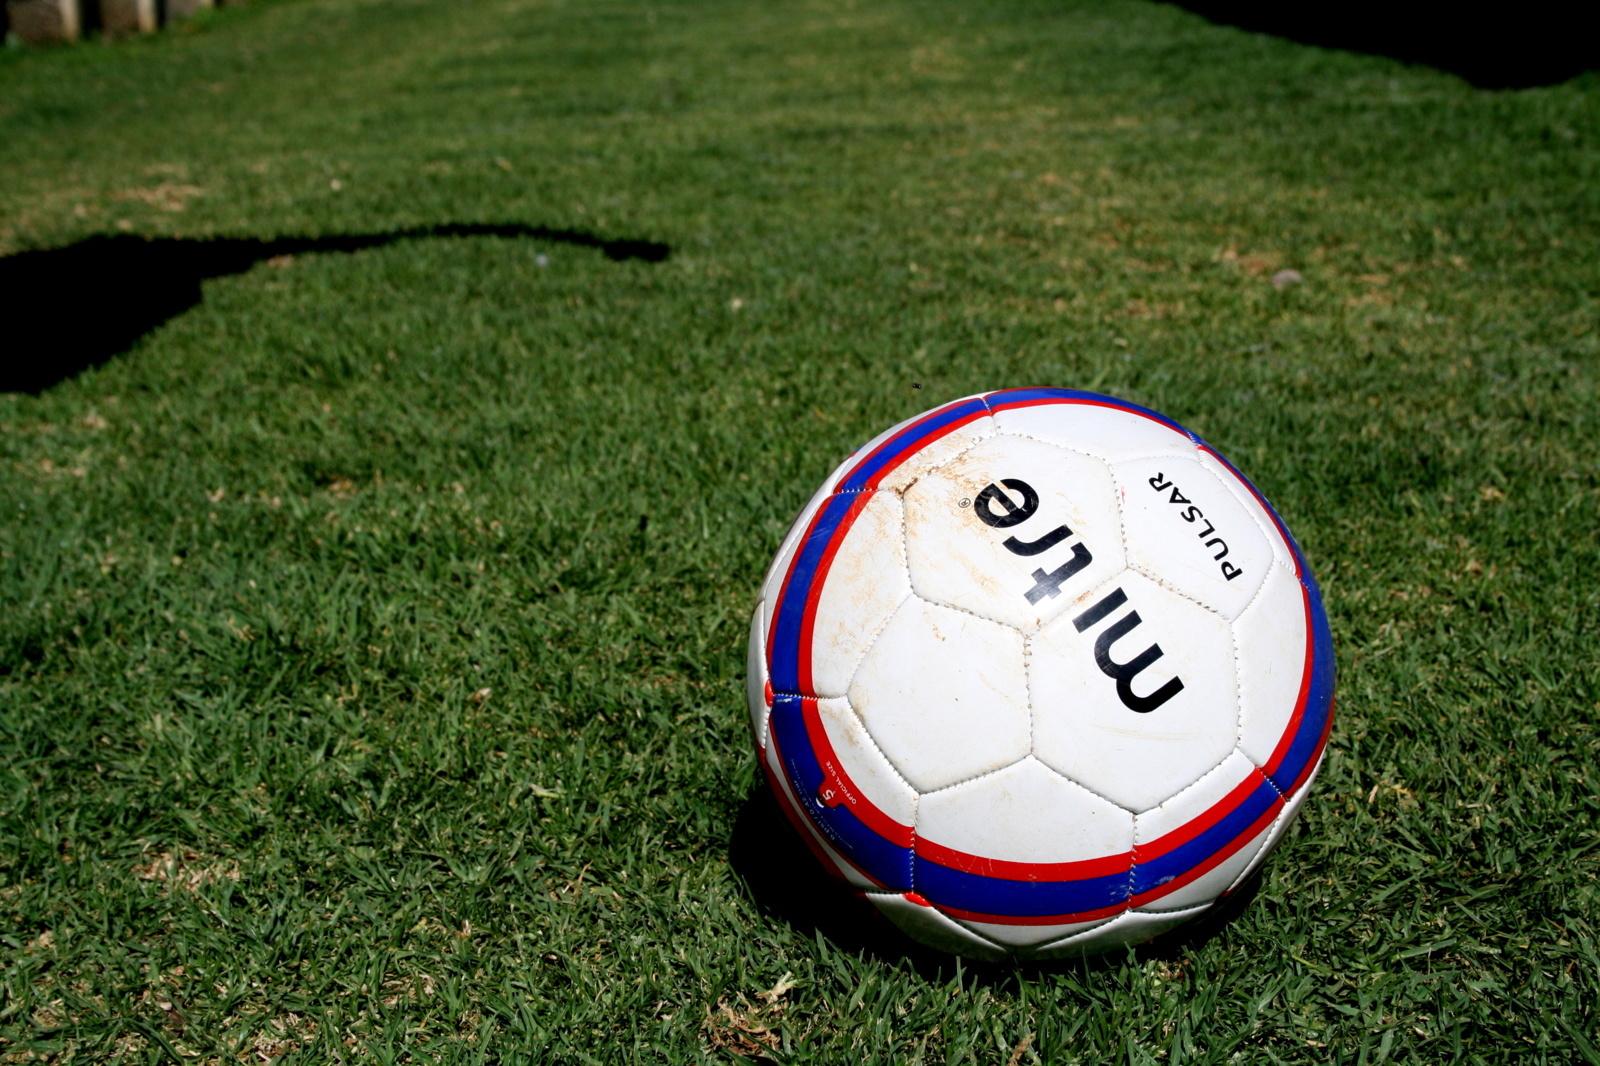 Pasaulio futbolo čempionate pergales lems ir psichologinis pasirengimas